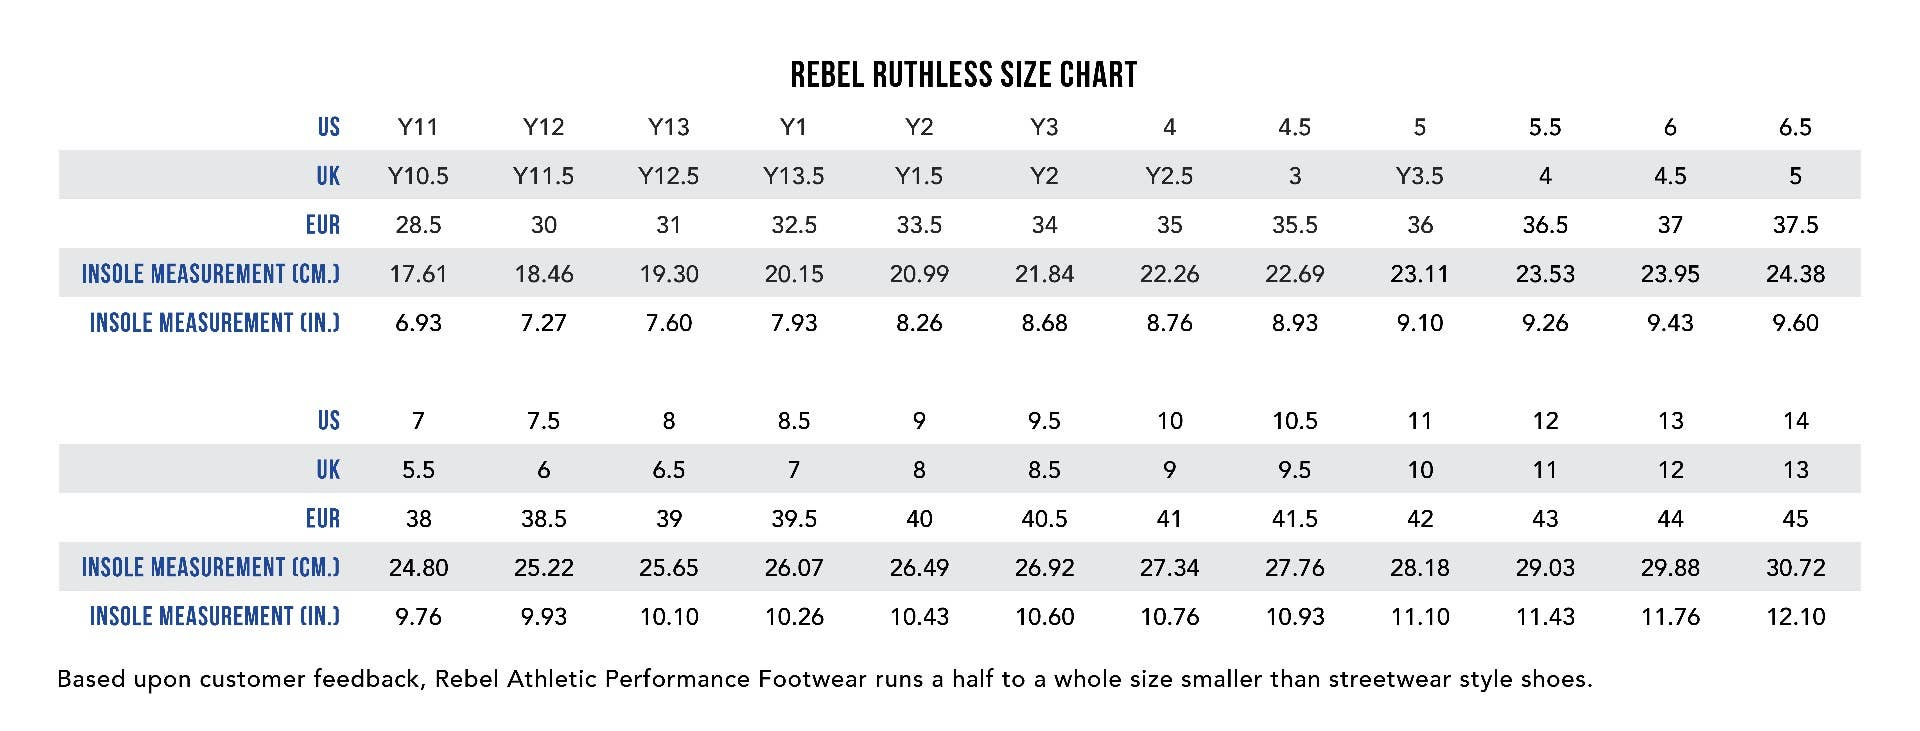 Ruthless Size Chart